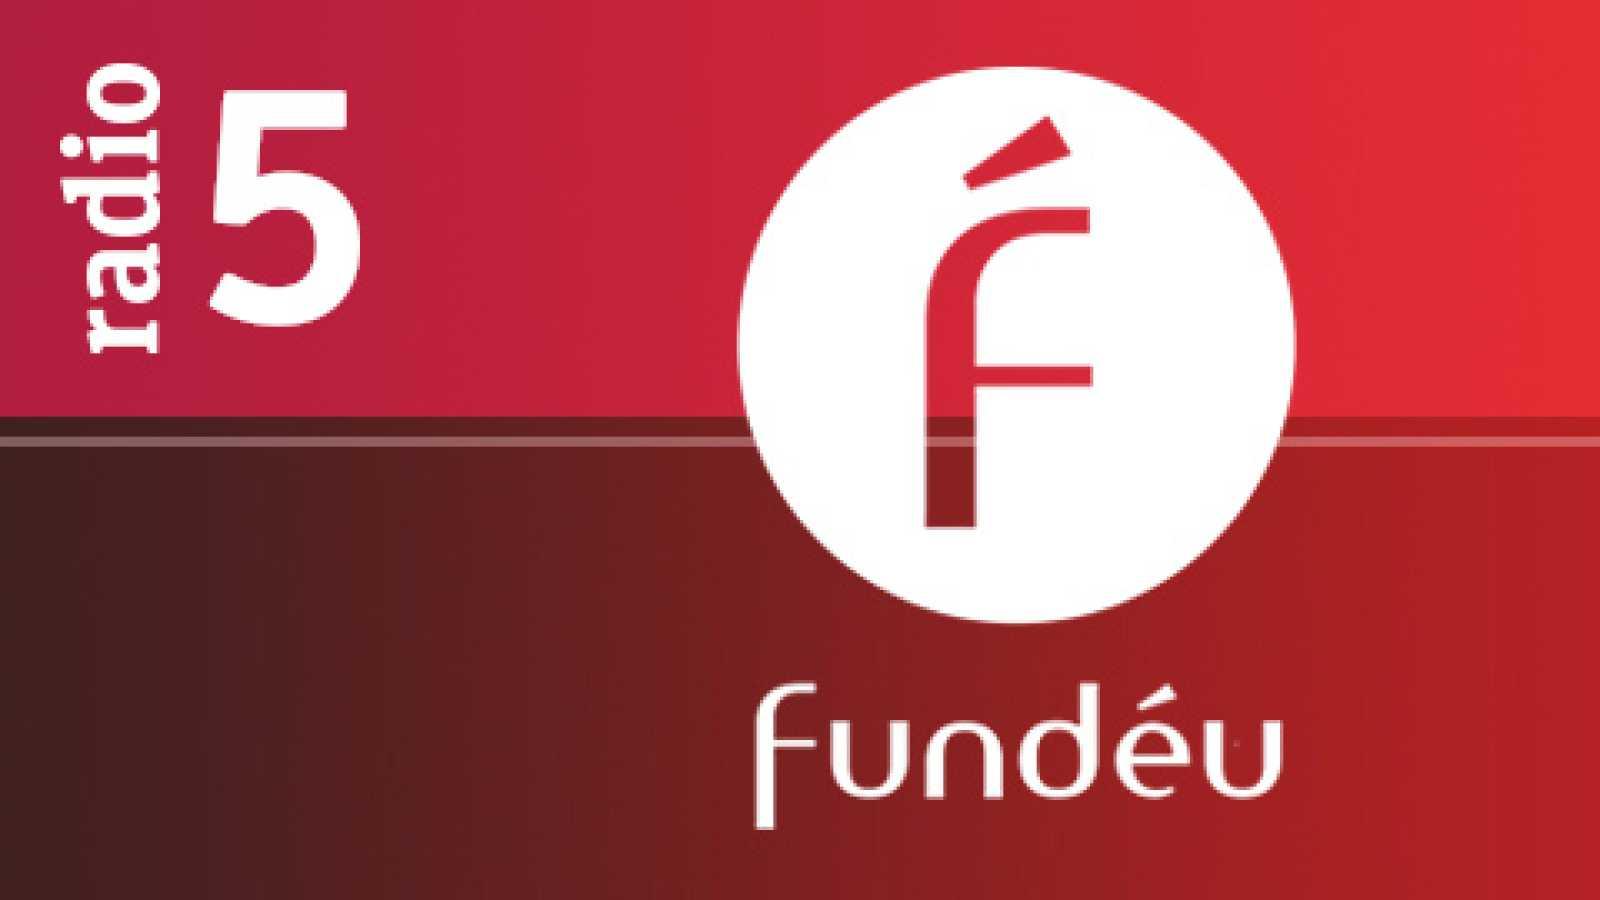 """El español urgente con Fundéu - """"Aforo"""" no es """"afluencia"""" - 18/05/20 - Escuchar ahora"""